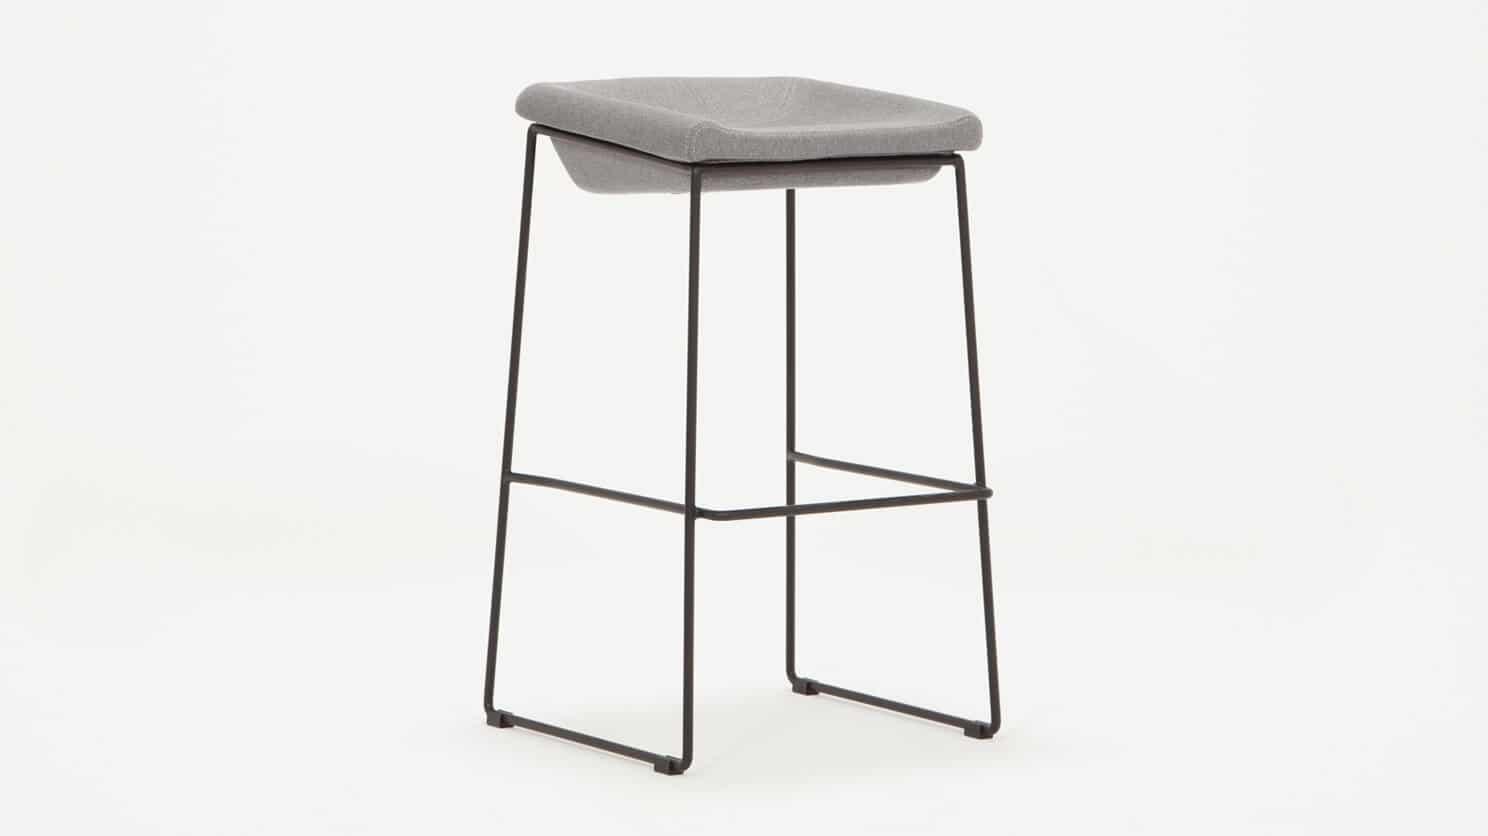 mackenzie bar stool light grey corner 01 com